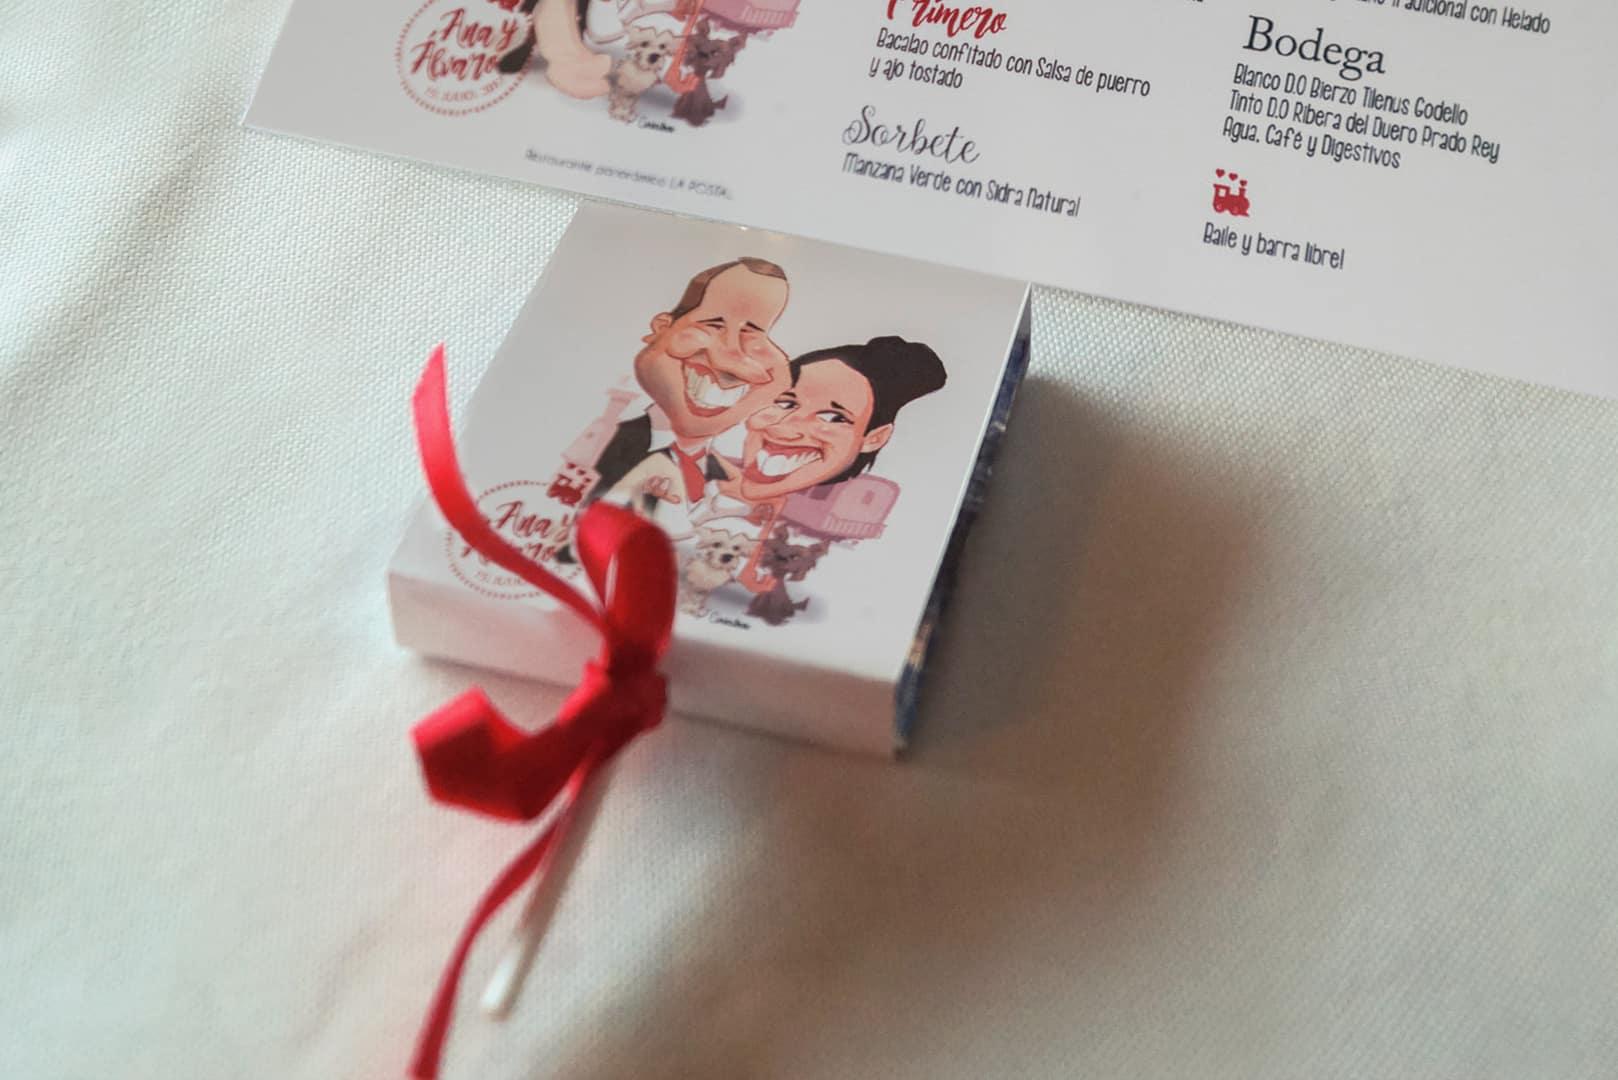 Piruleta donativo contra el cancer boda ZAZU-boda-divertida-en-rojo-Segovia